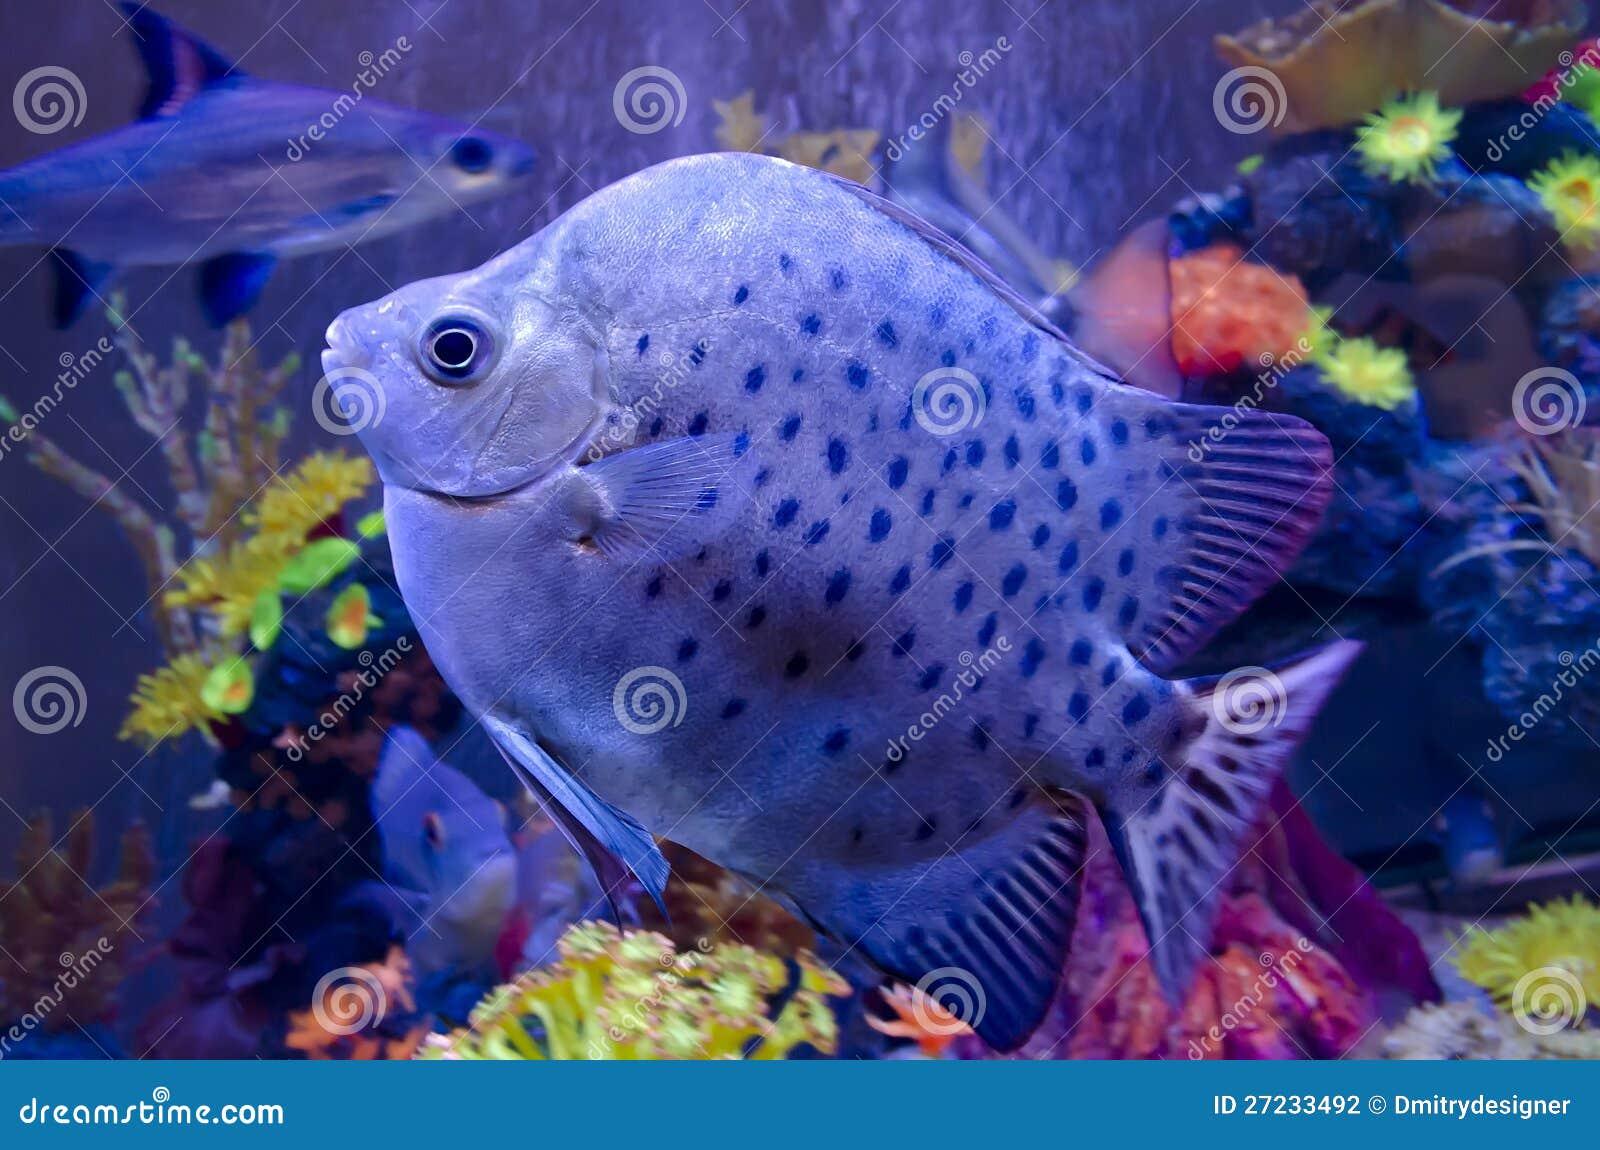 Exotic fish in aquarium stock photo image of close for Rare aquarium fish